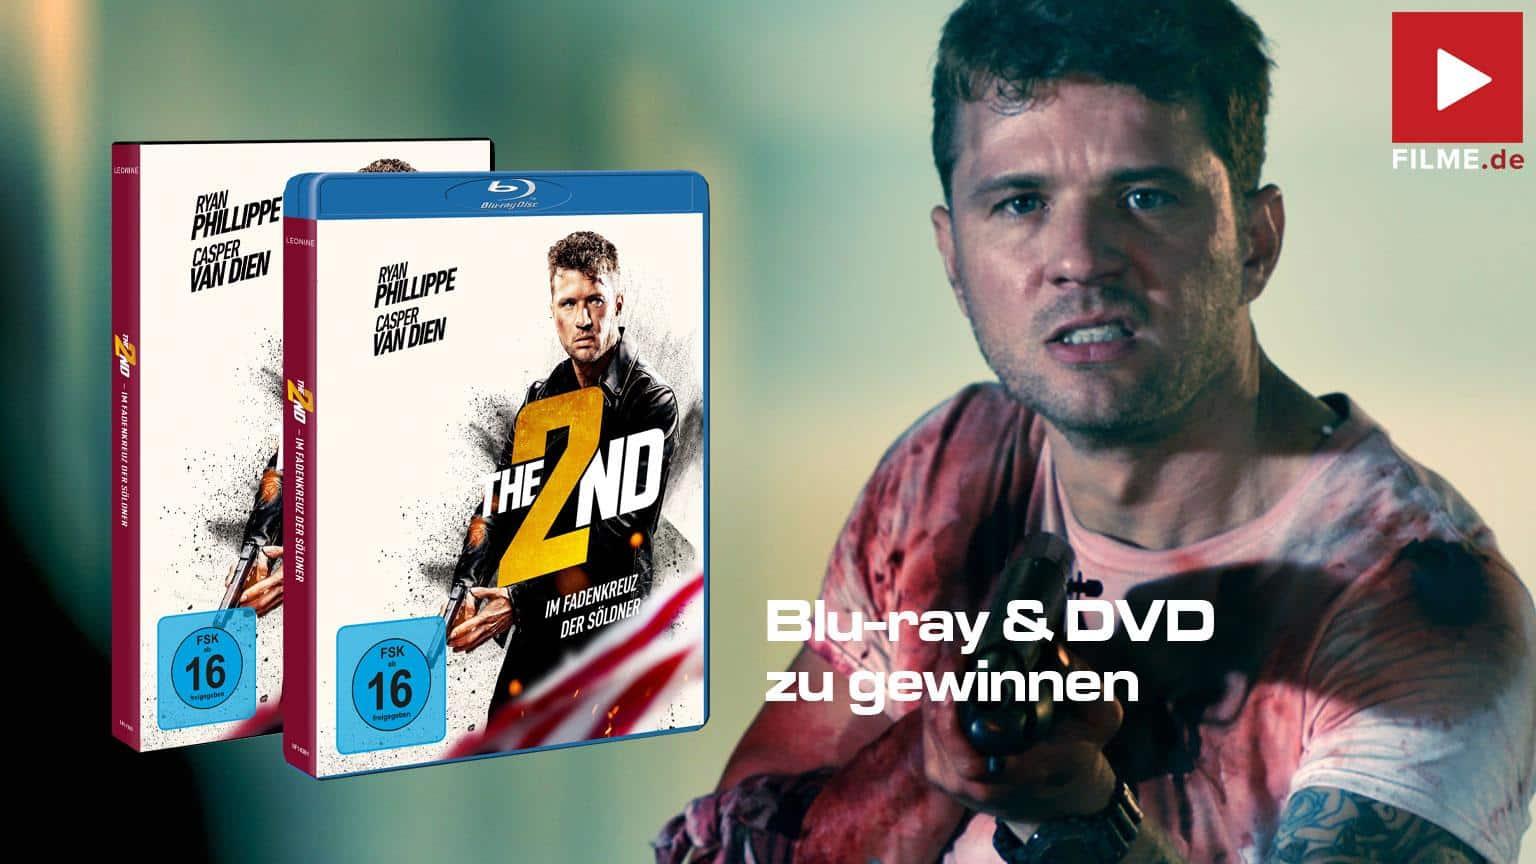 2ND, THE - IM FADENKREUZ DER SÖLDNER Gewinnspiel gewinnen Shop kaufen Blu-ray DVD